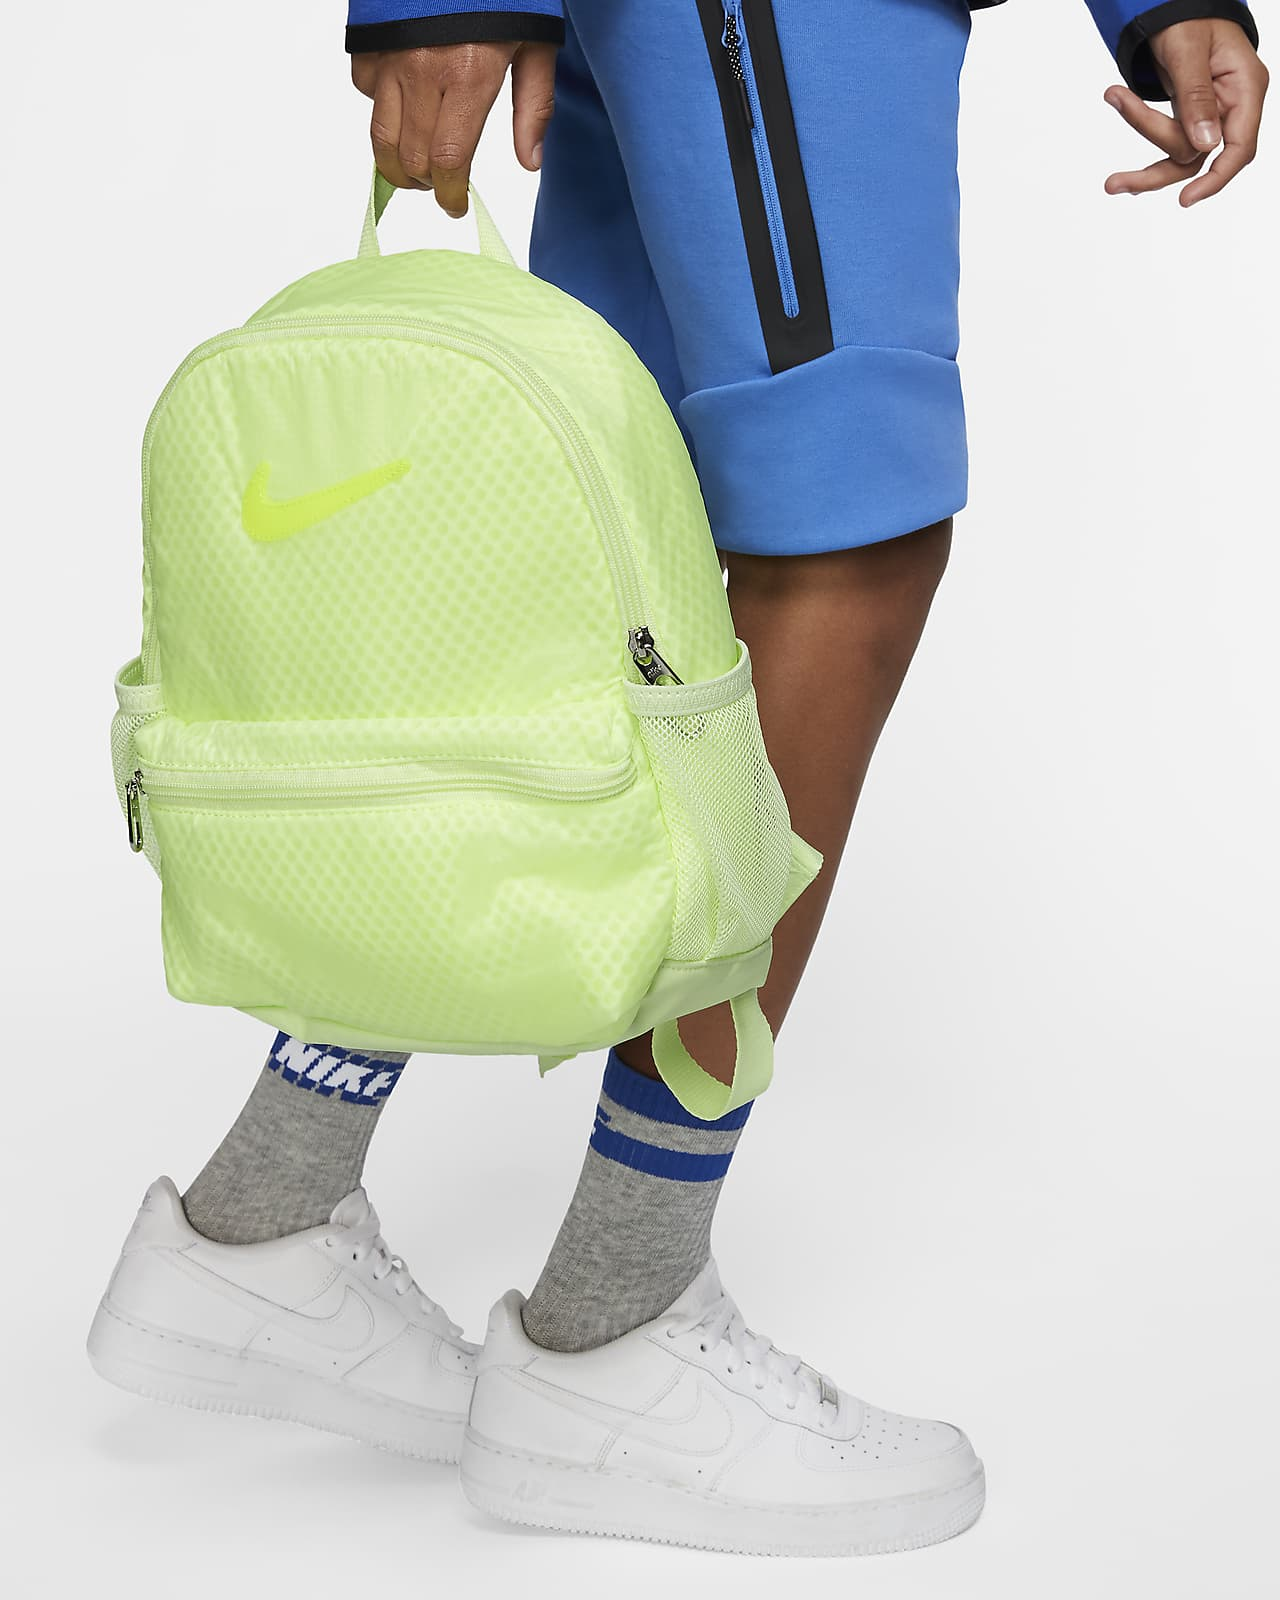 เป้สะพายหลังเด็ก Nike Brasilia JDI (มินิ)